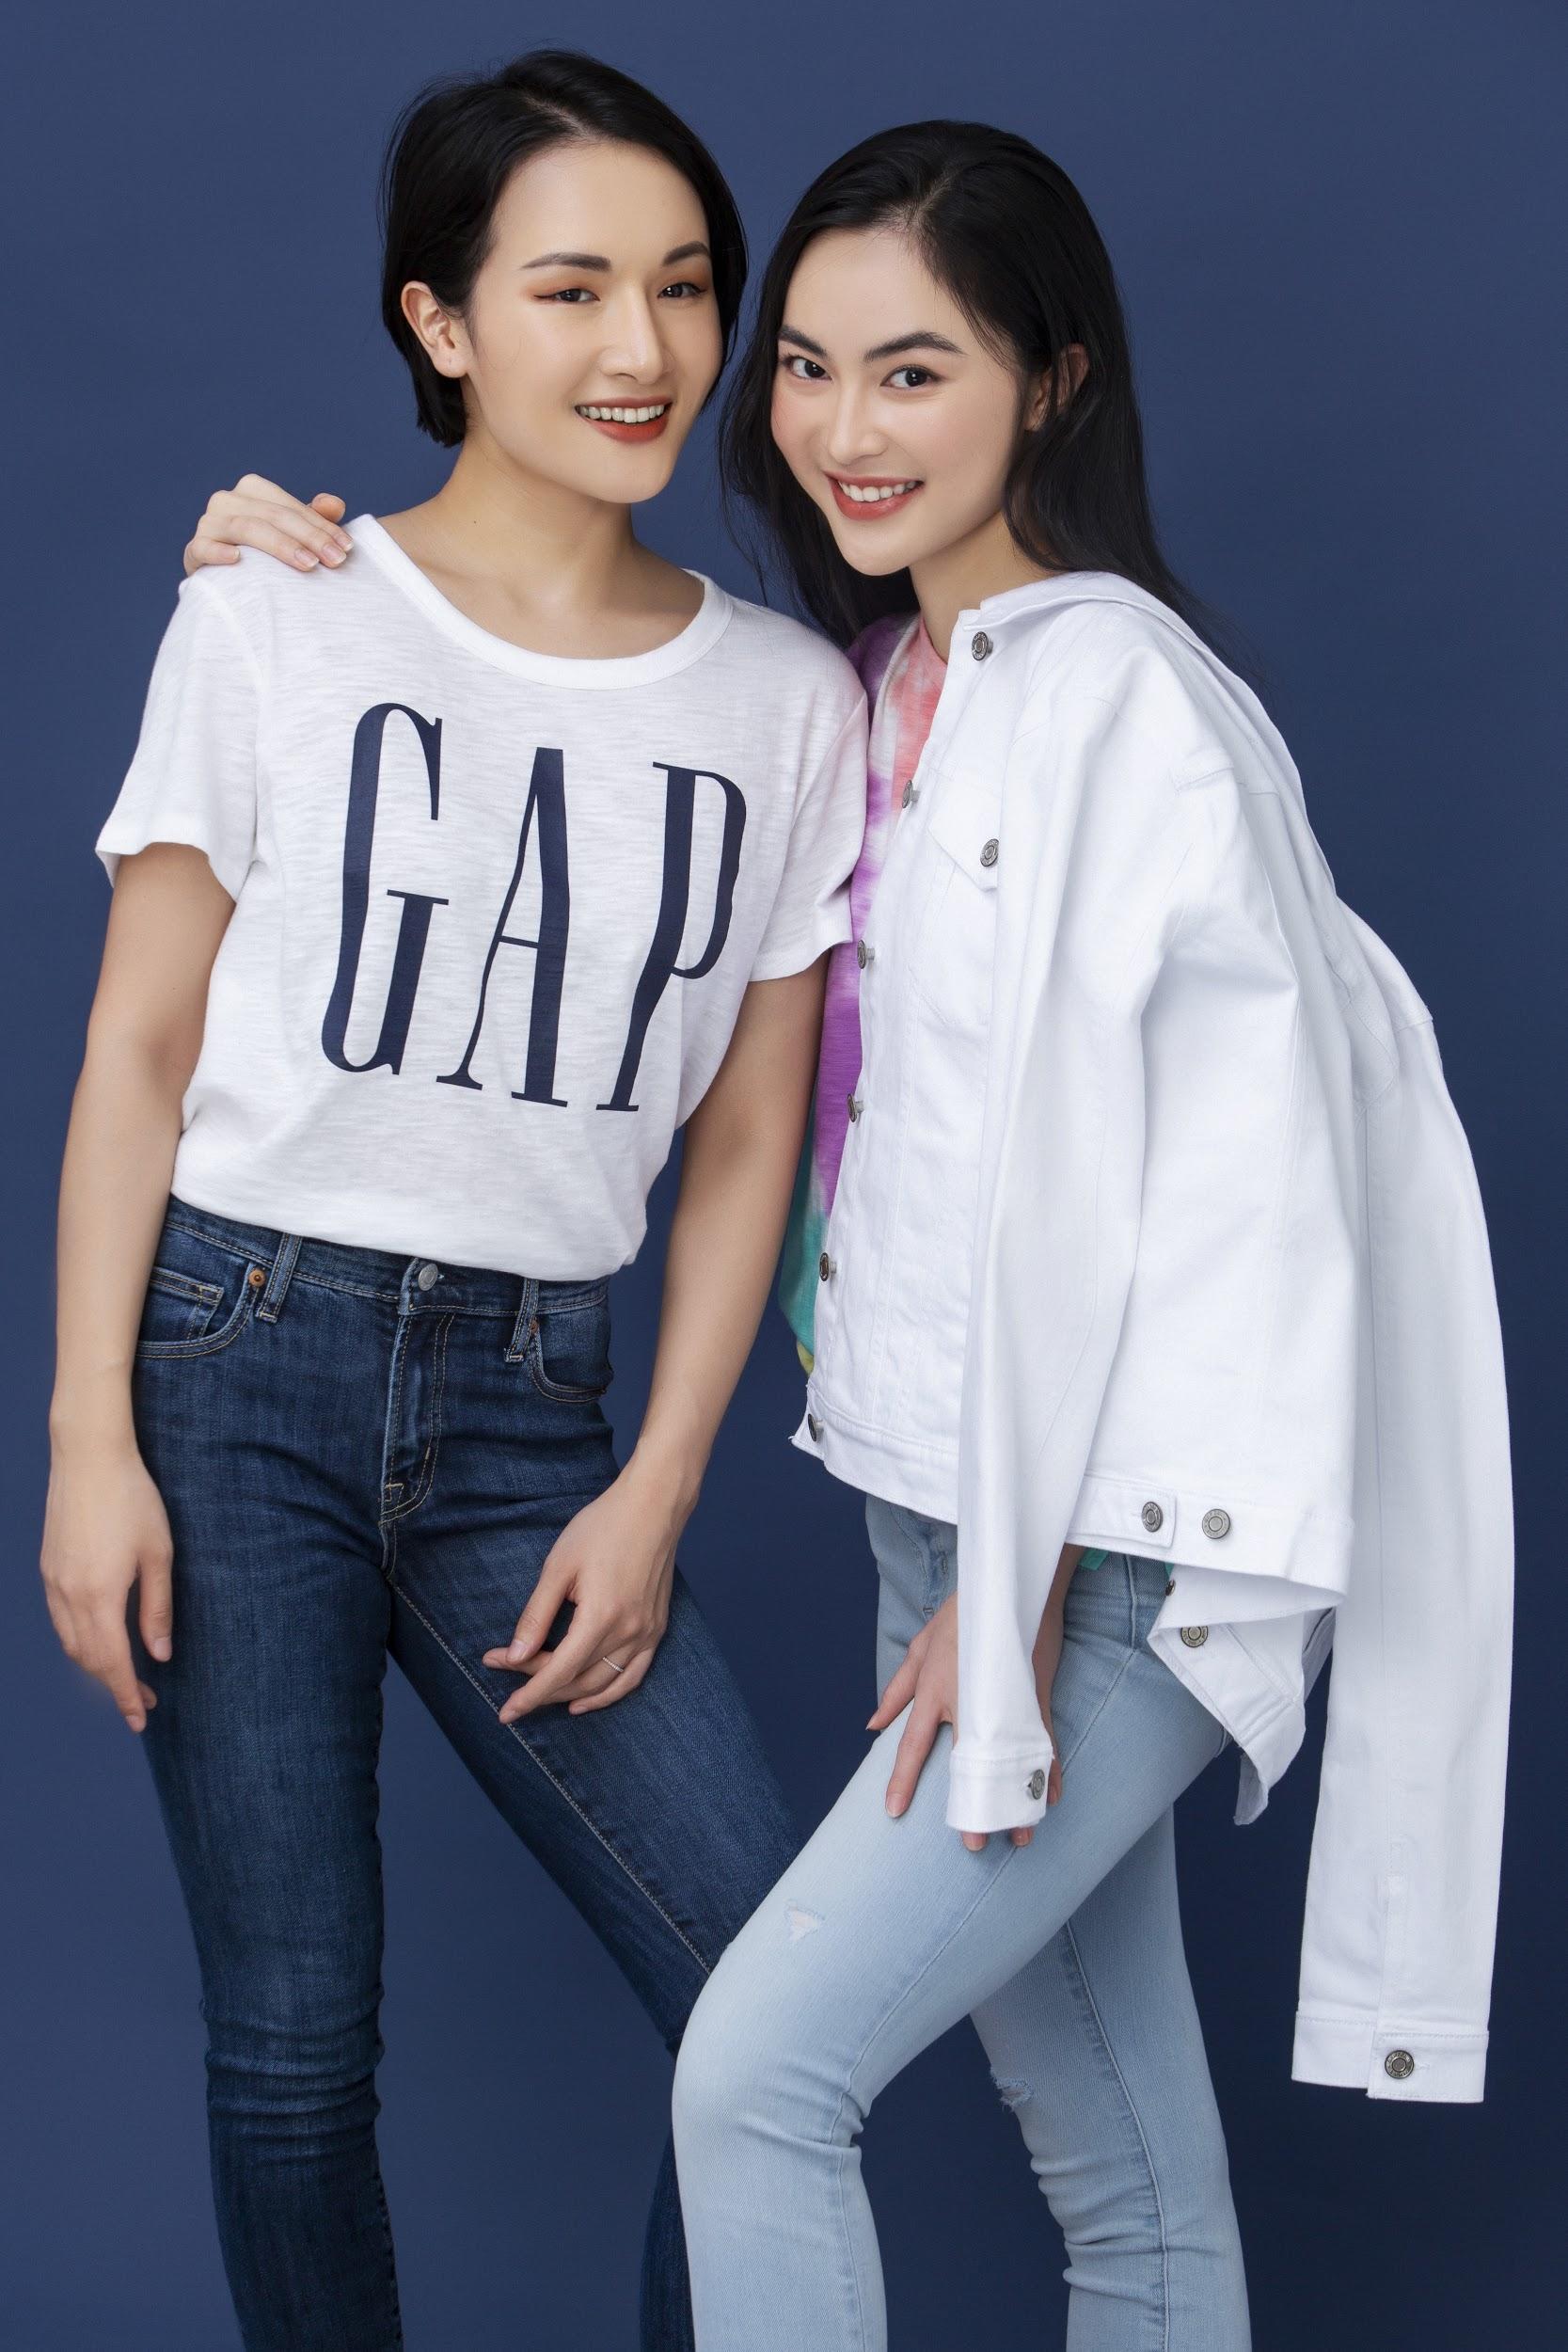 Giang Ơi và Helly Tống nói gì về thời trang bền vững - Ảnh 5.